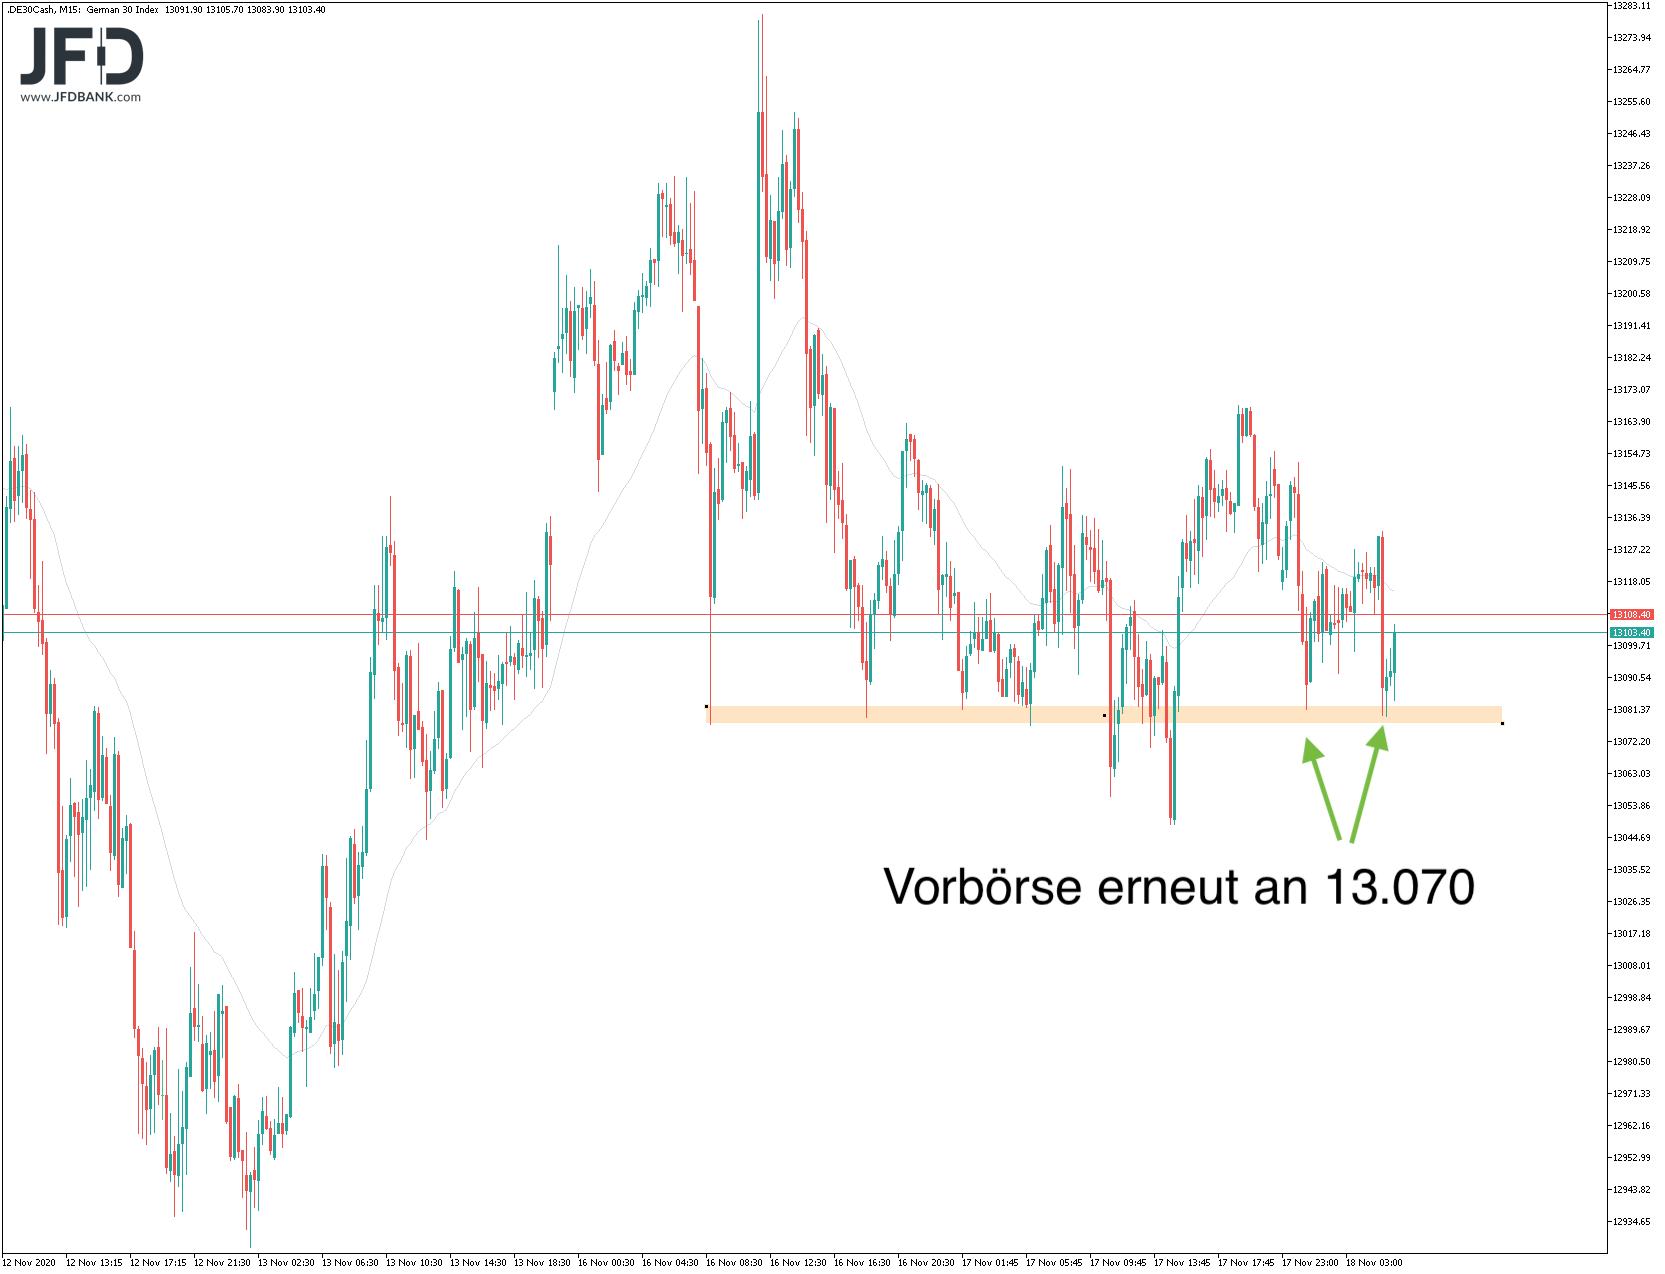 Besinnliche-Börsenphase-5-Wochen-vor-Weihnachten-Kommentar-JFD-Bank-GodmodeTrader.de-6